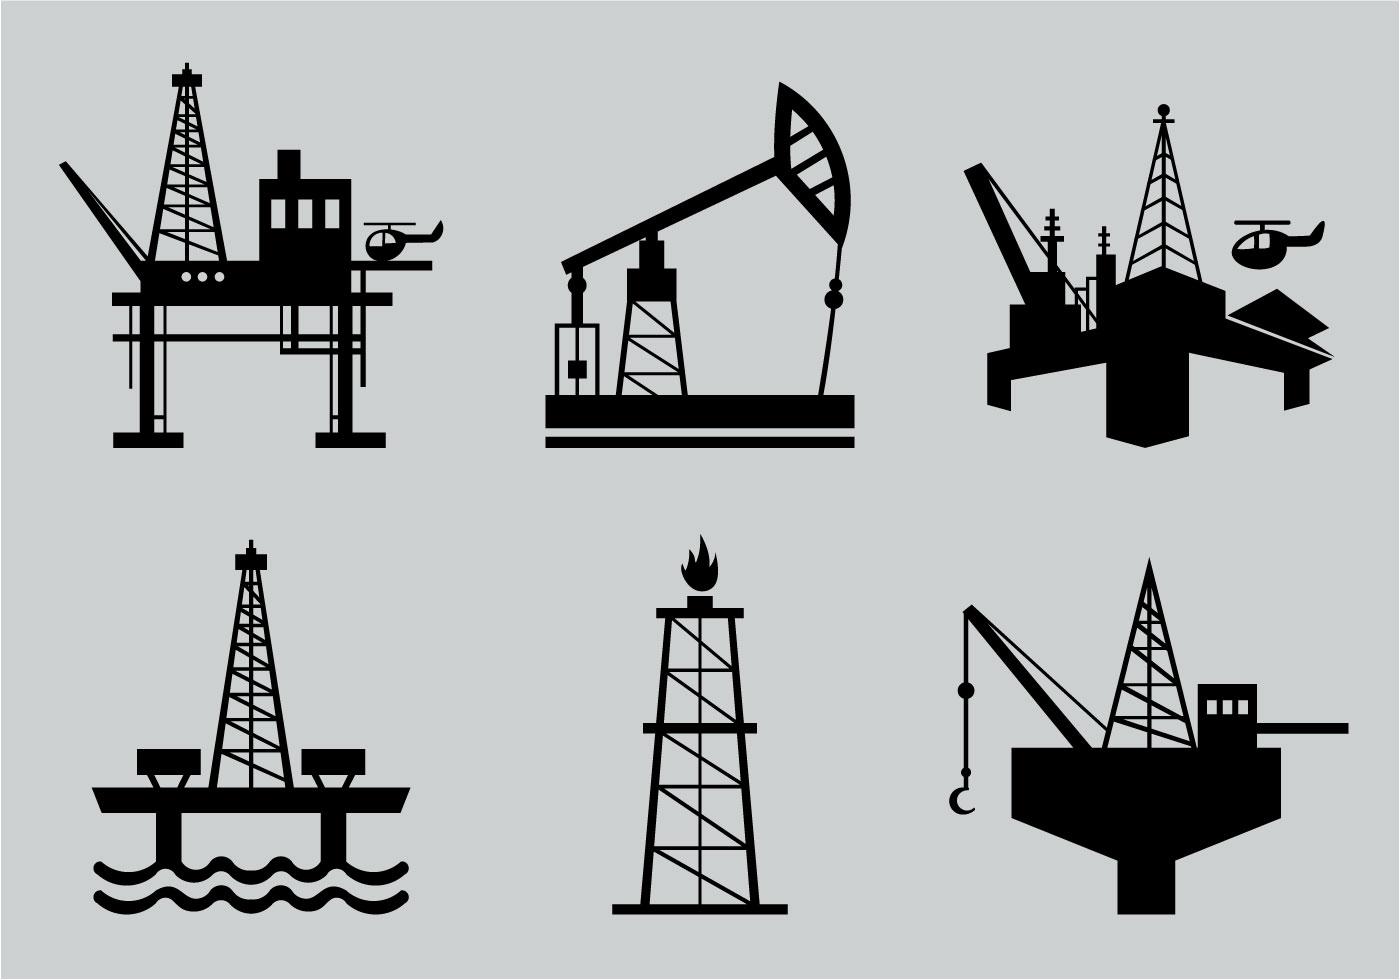 нашим нефть картинки символы объясняется чистотой воды